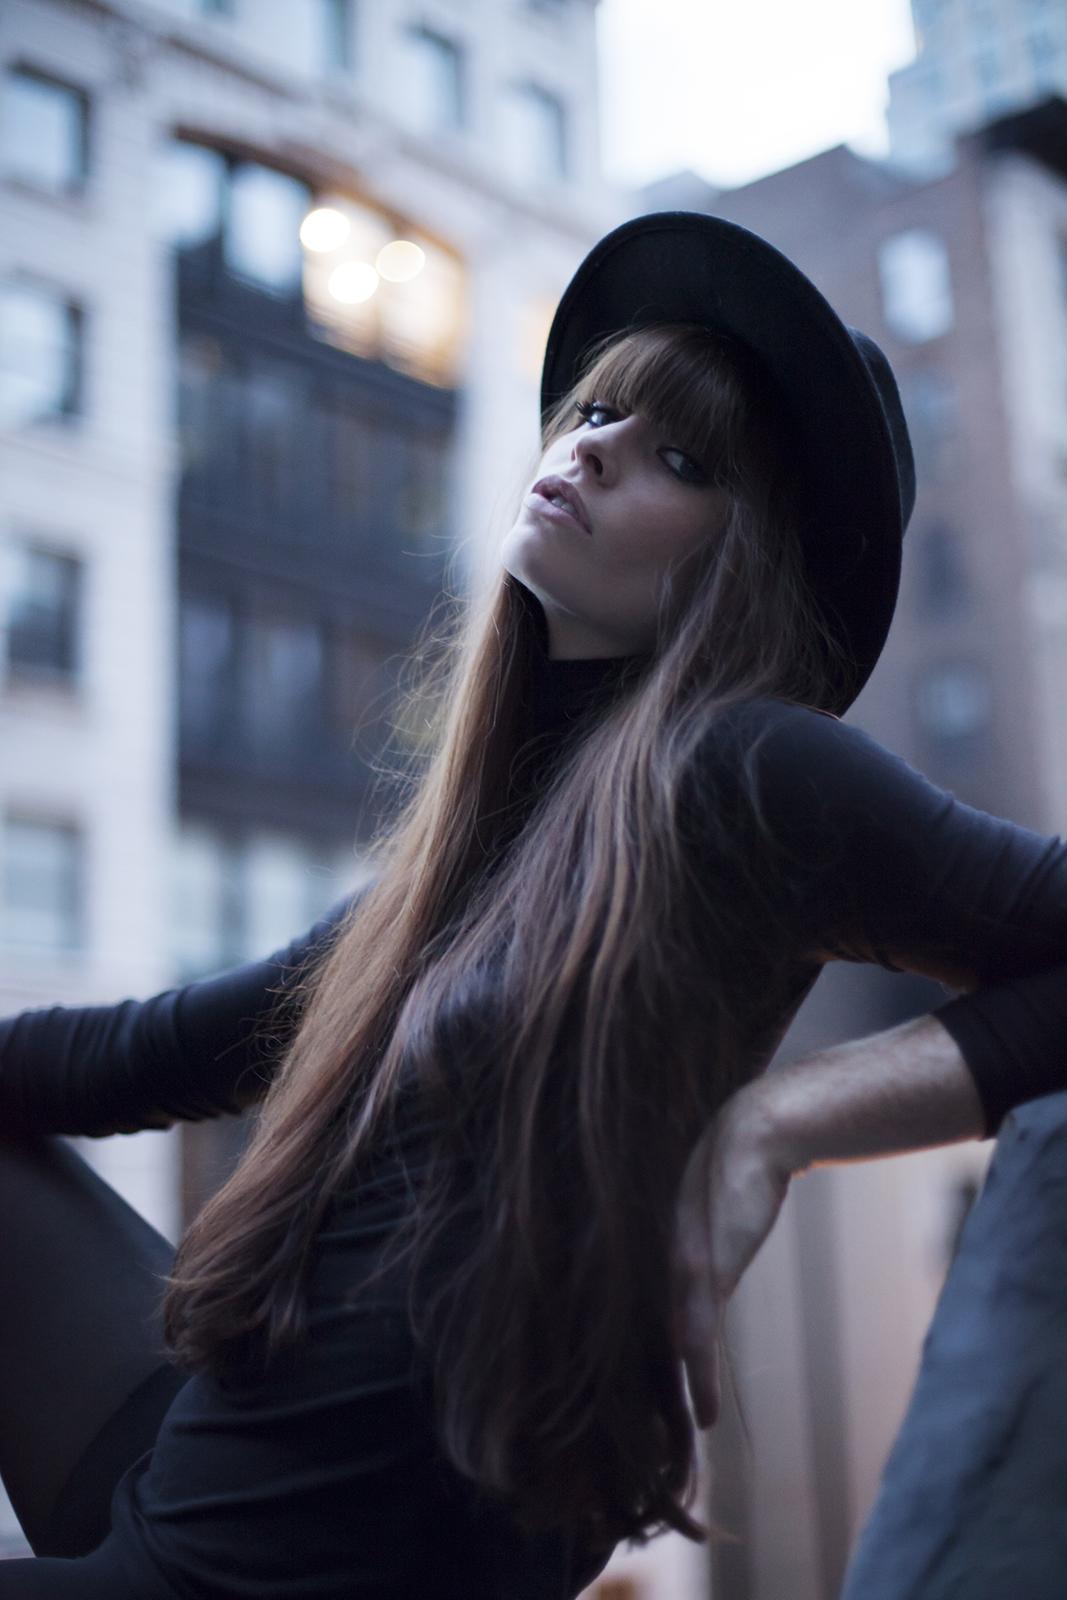 Chloe_Boss_Models_Adina_Doria_22.jpg